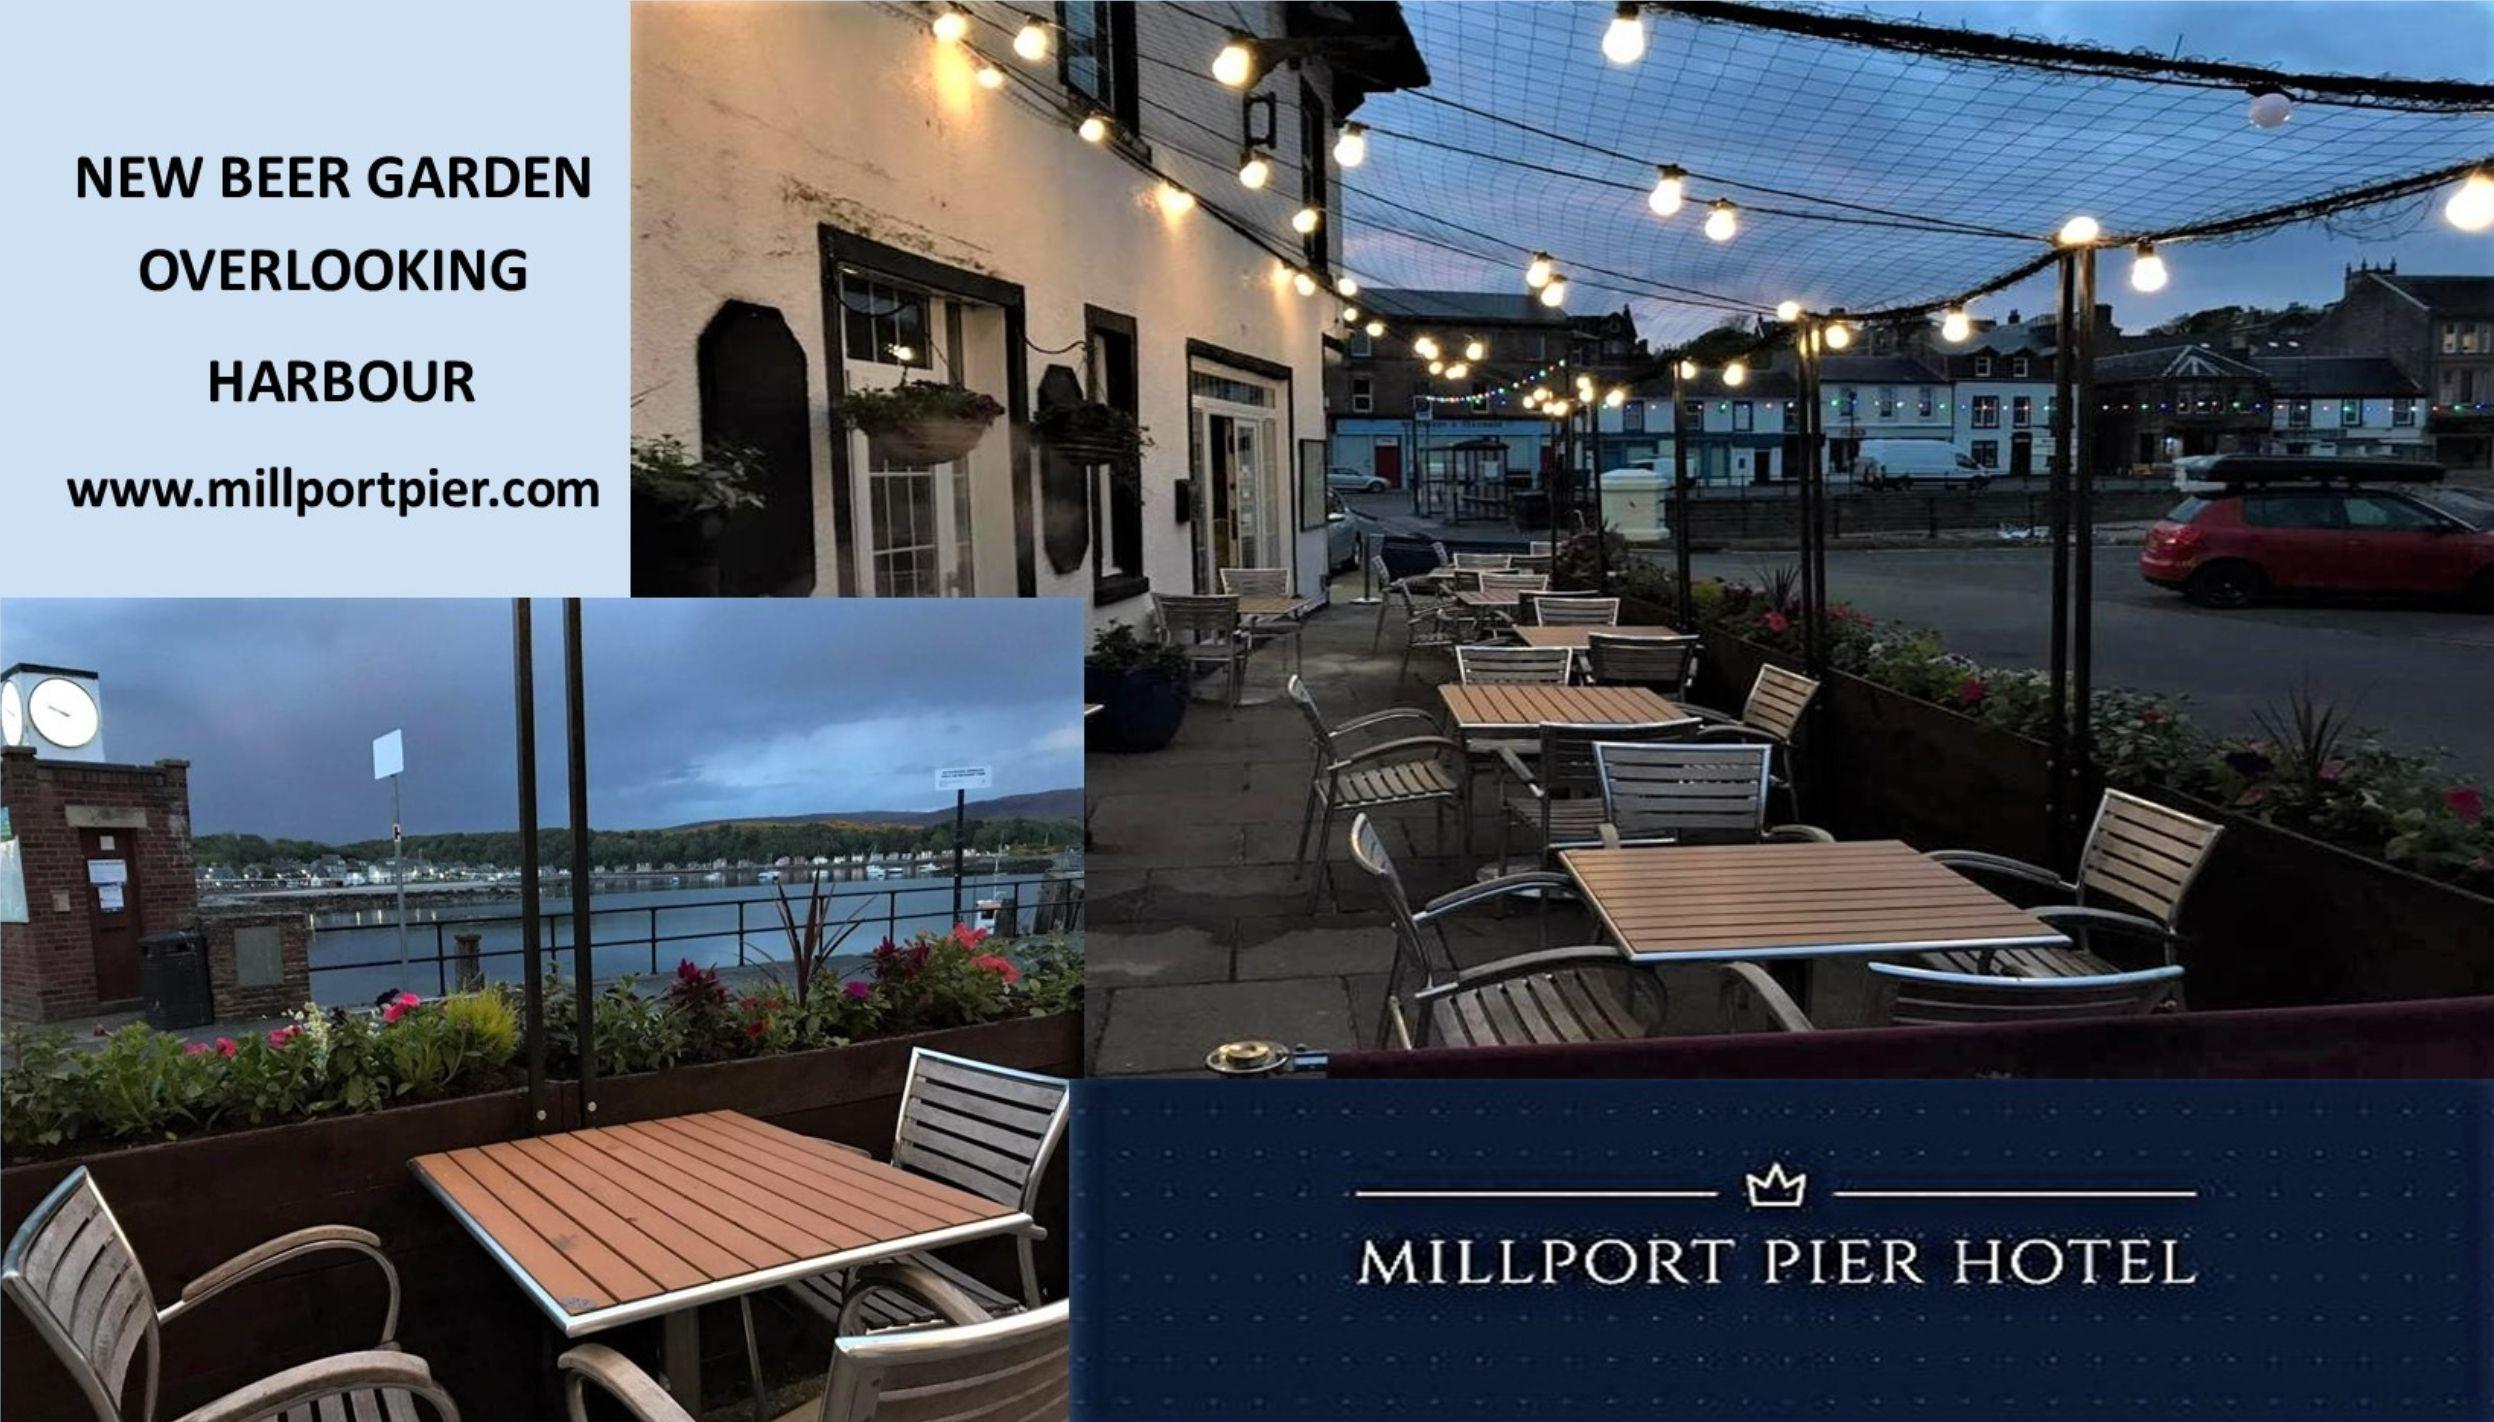 Millport Pier Hotel, Cumbrae